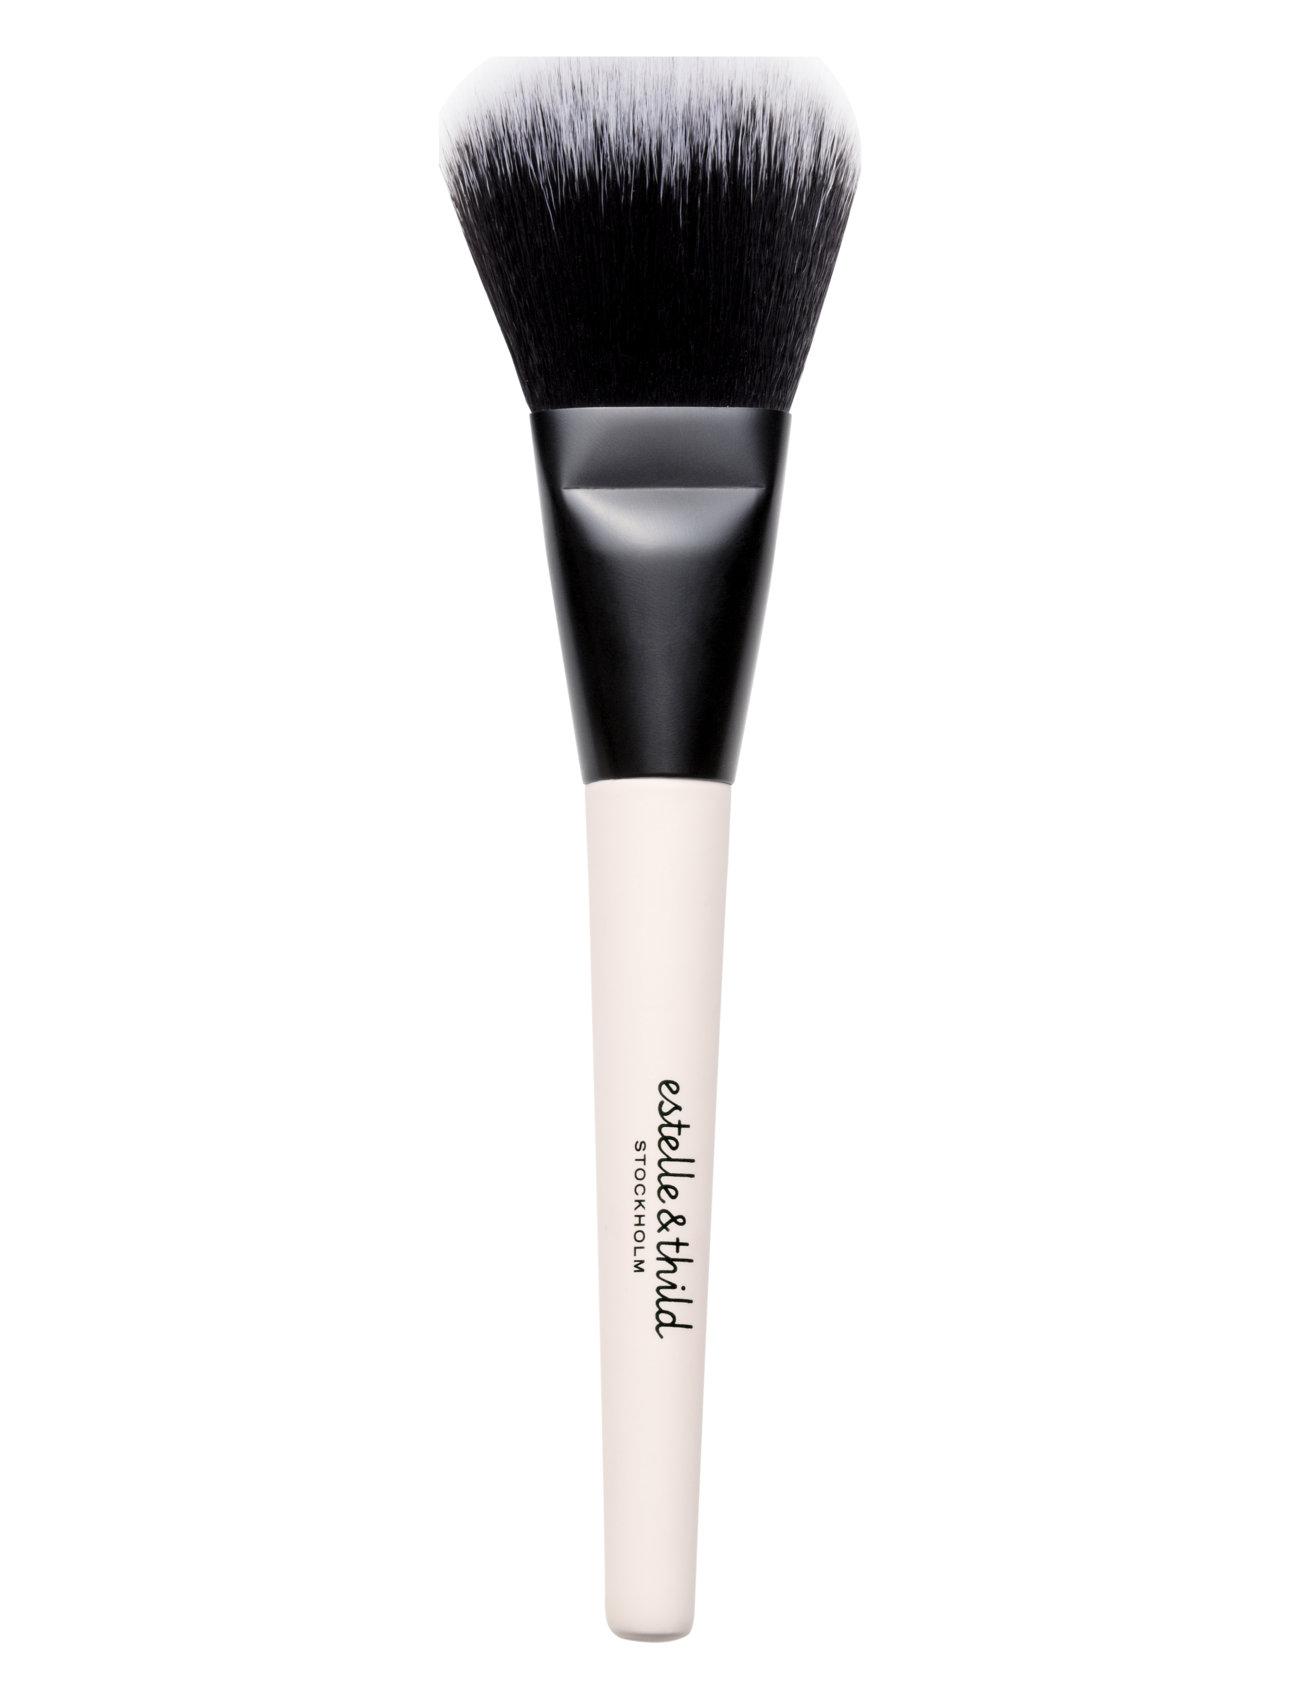 Healthy Glow Sun Powder Brush - Estelle & Thild